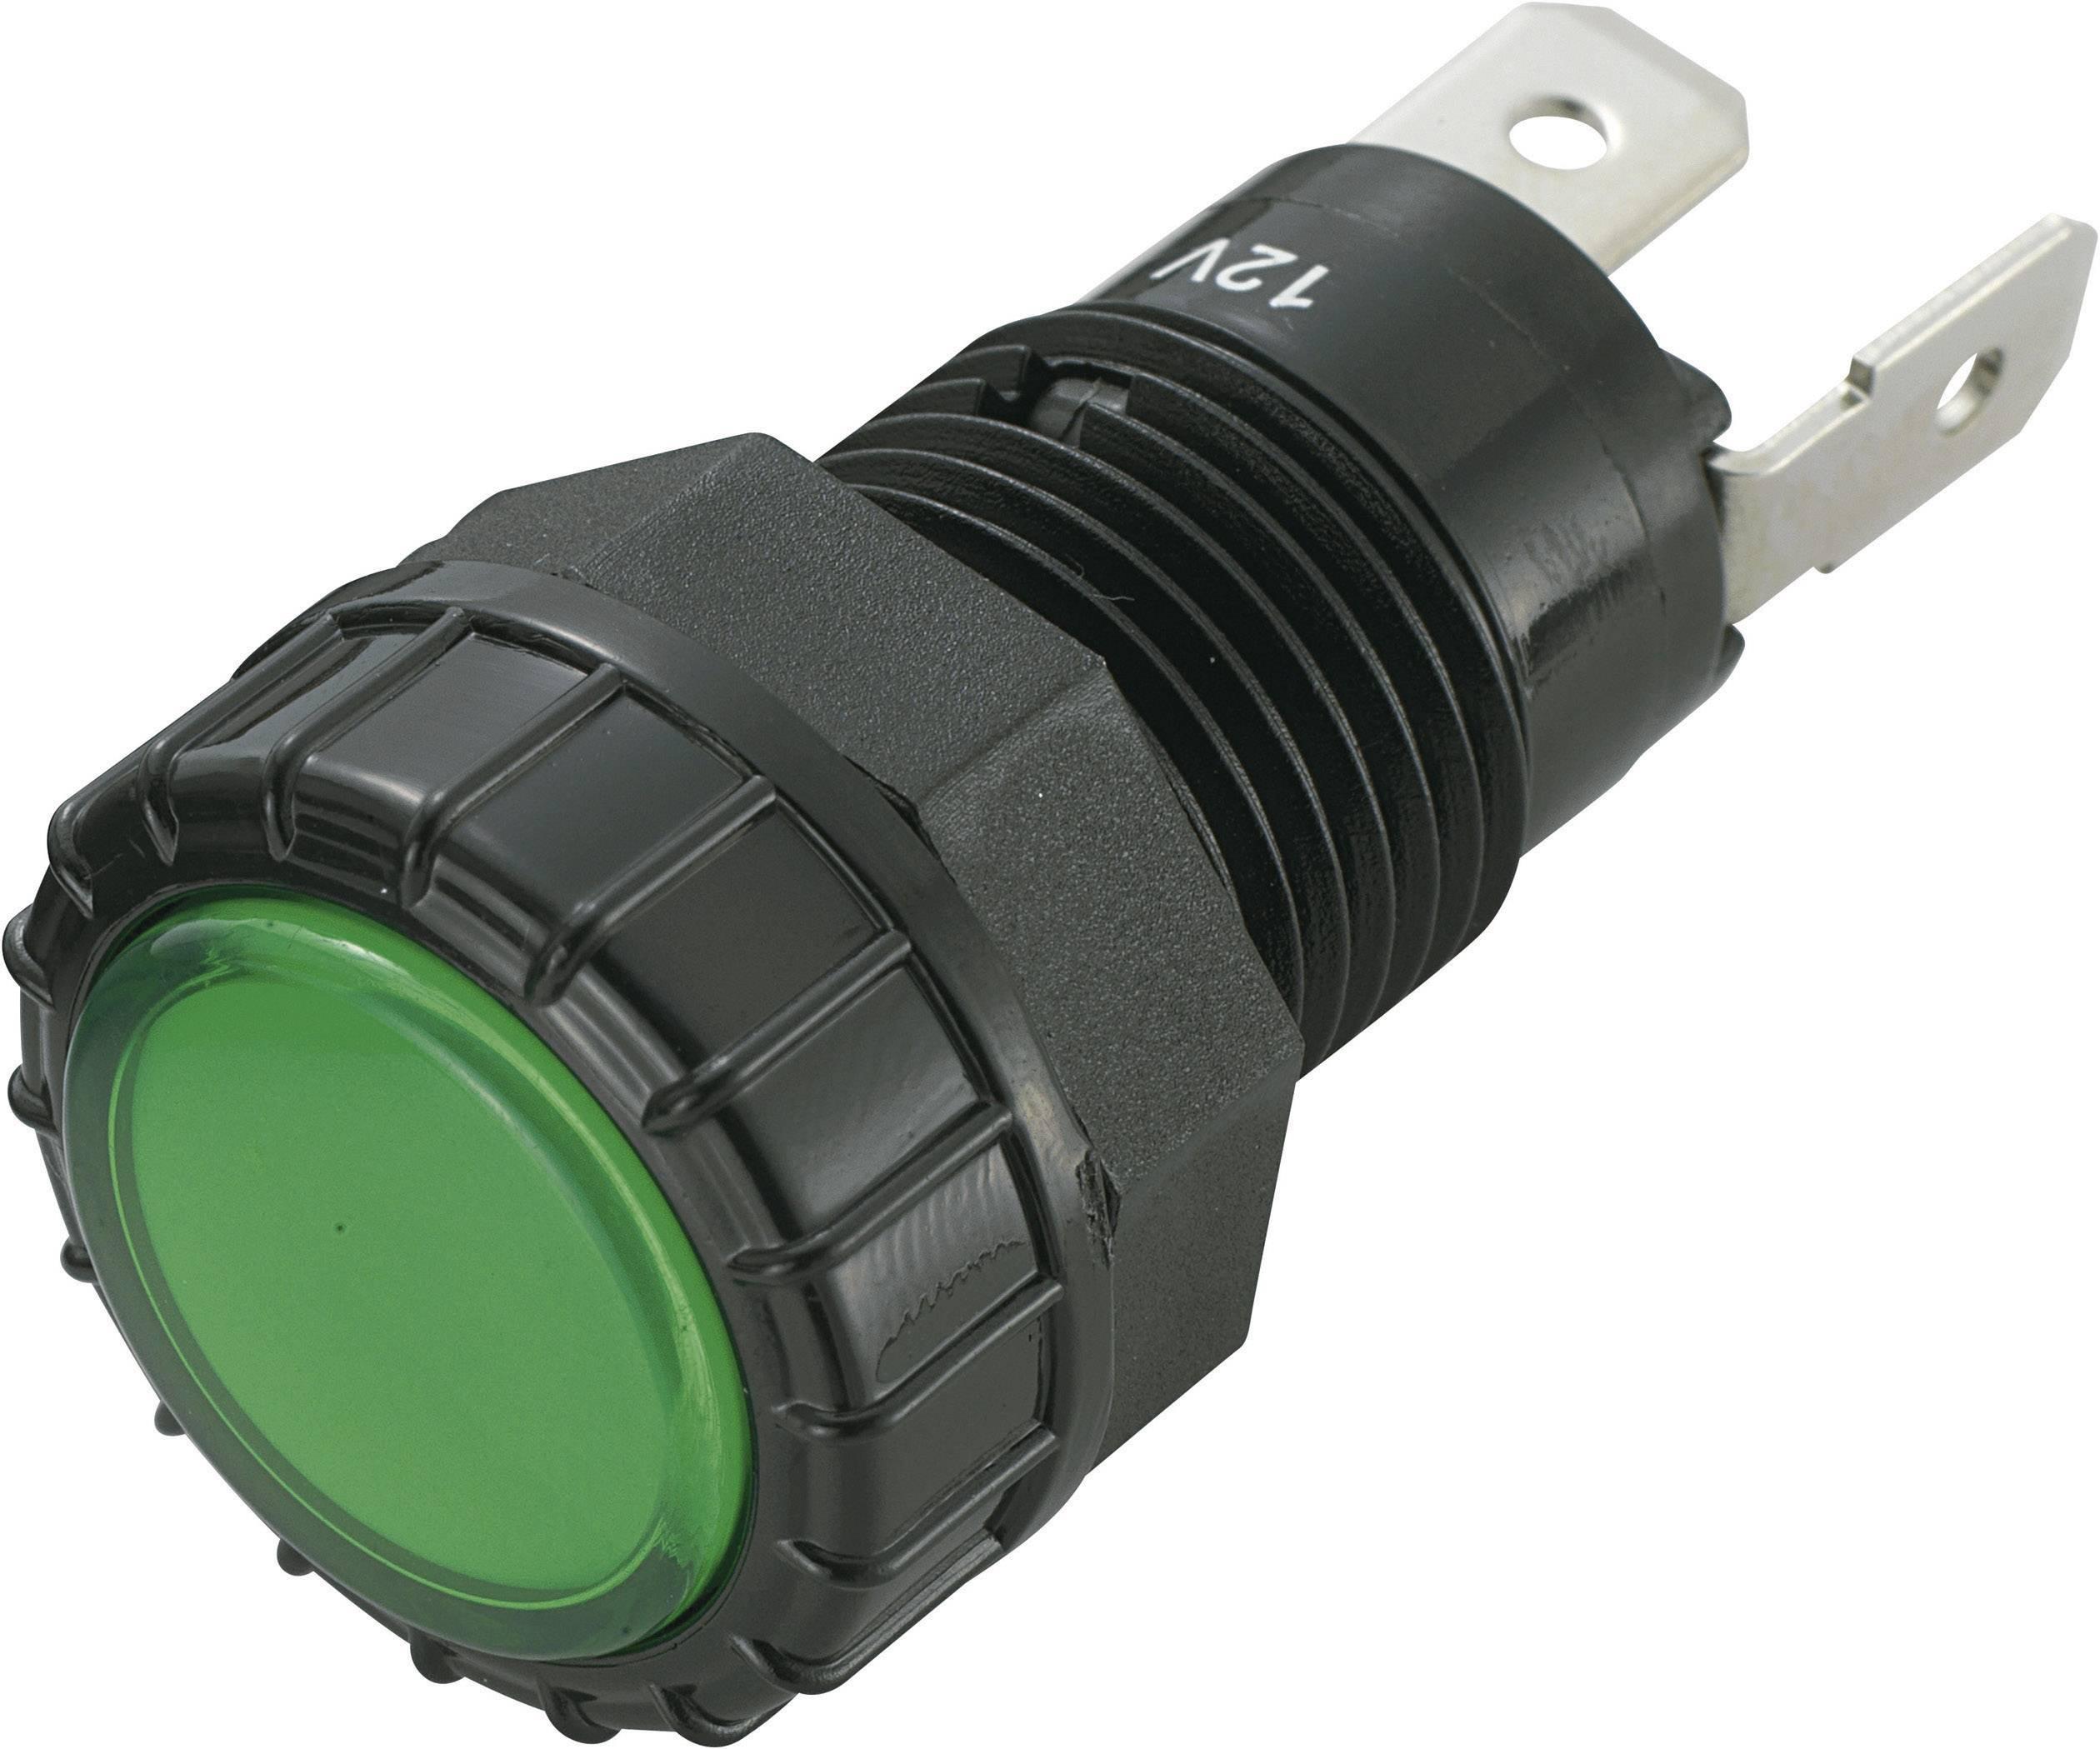 IndikačnéLED SCI R9-122L1-01-BGG4, 12 V/DC, zelená